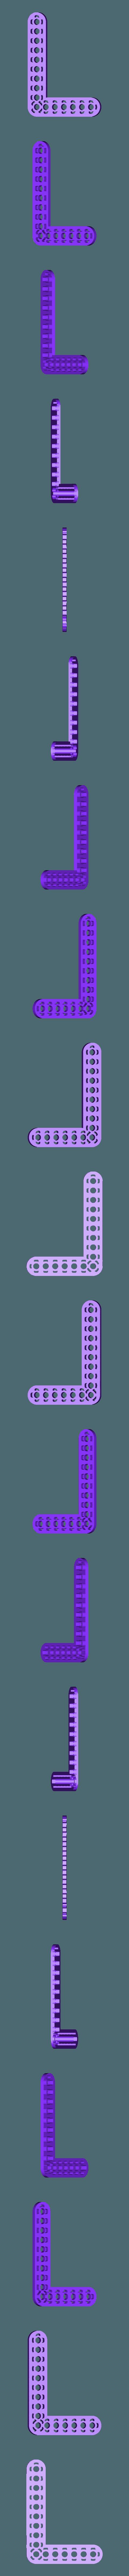 L_7_10.STL Télécharger fichier STL gratuit MEGA Expansion 200+ Pièces • Plan à imprimer en 3D, Pwentey